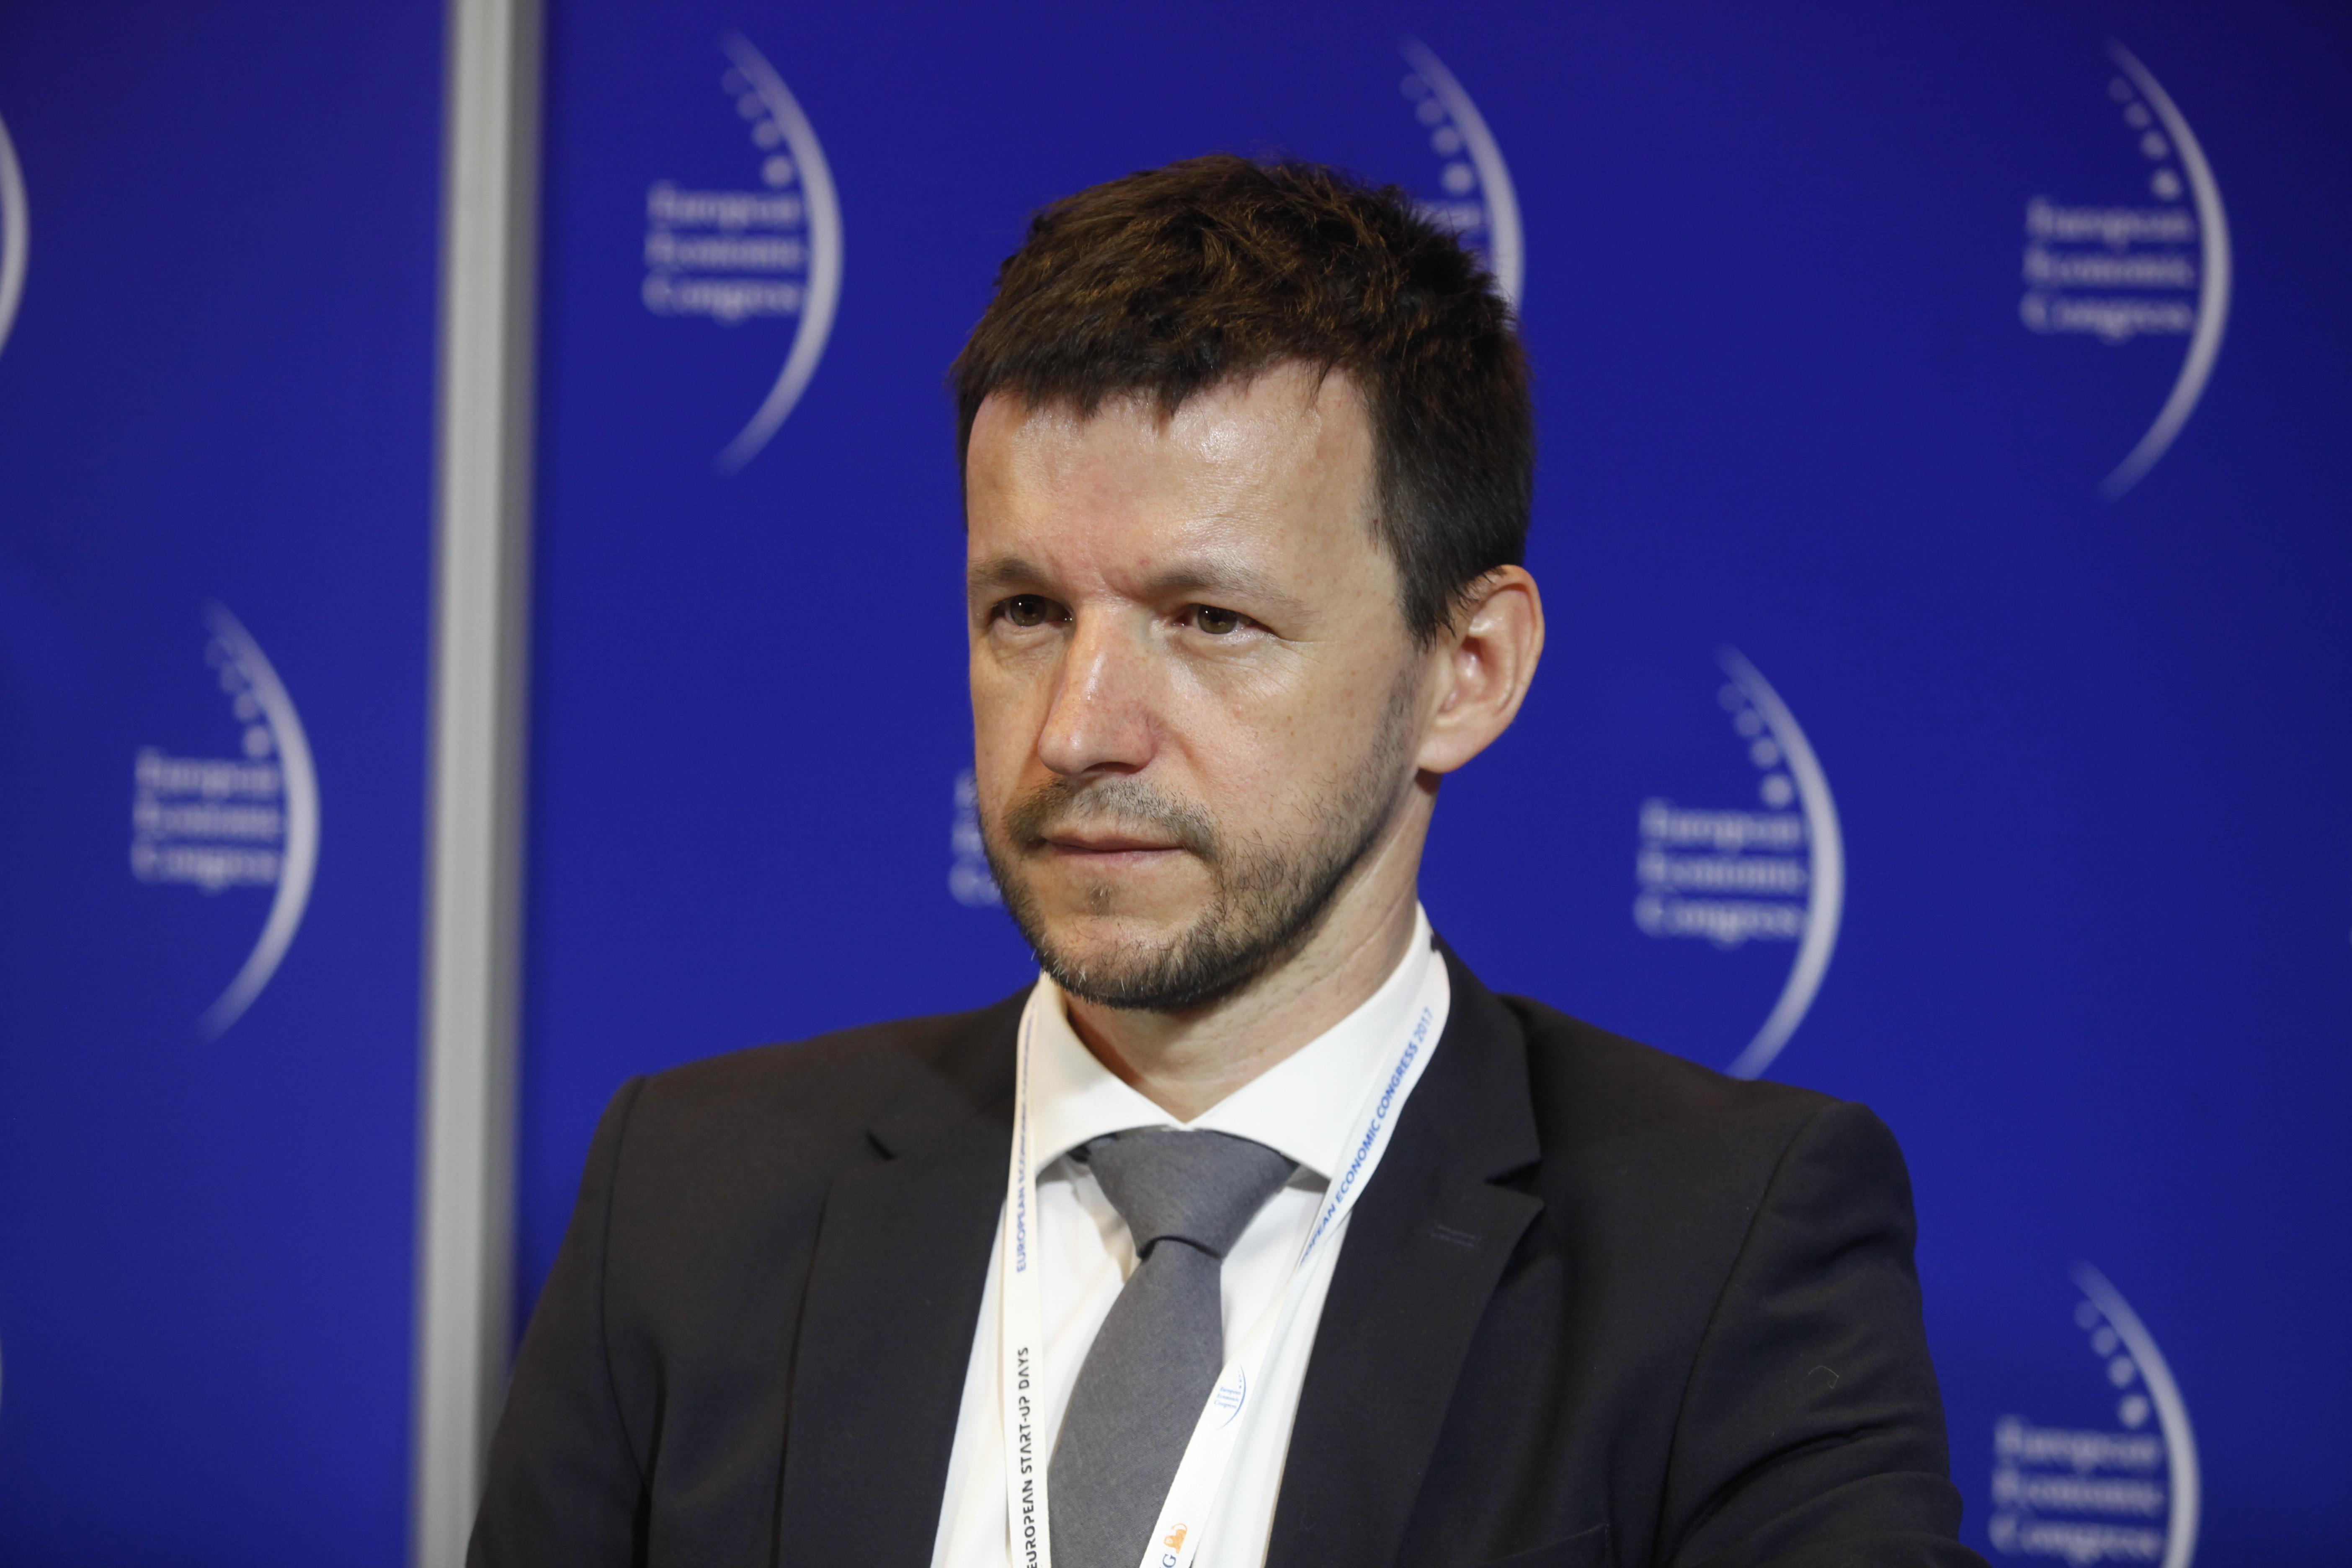 Nasze studia deweloperskie mierzą się z najlepszymi studiami na świecie - uważa Aleksander Szlachetko, dyrektor ds. rozwoju w ESL. (fot. PTWP)